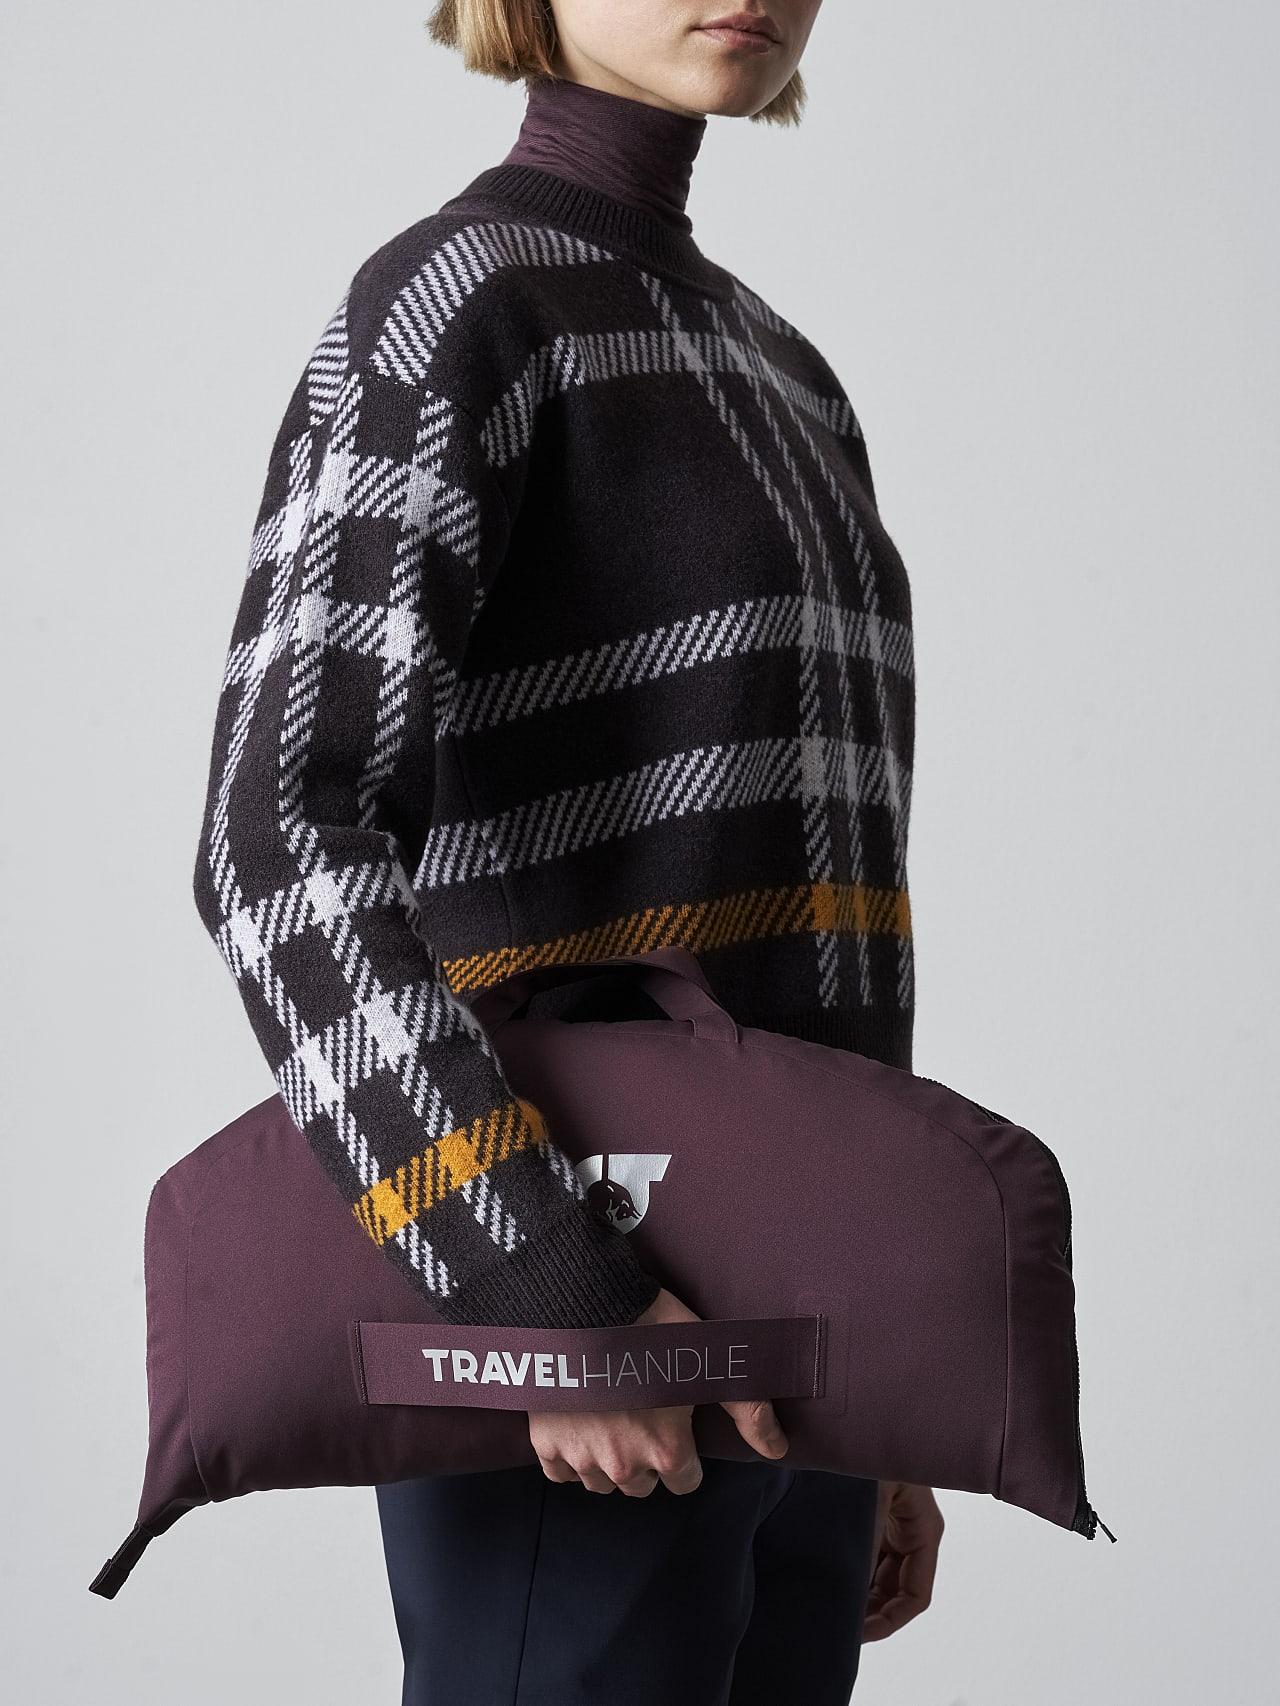 ONUVO V1.Y5.02 Packable Waterproof Jacket Burgundy scene7.view.11.name Alpha Tauri